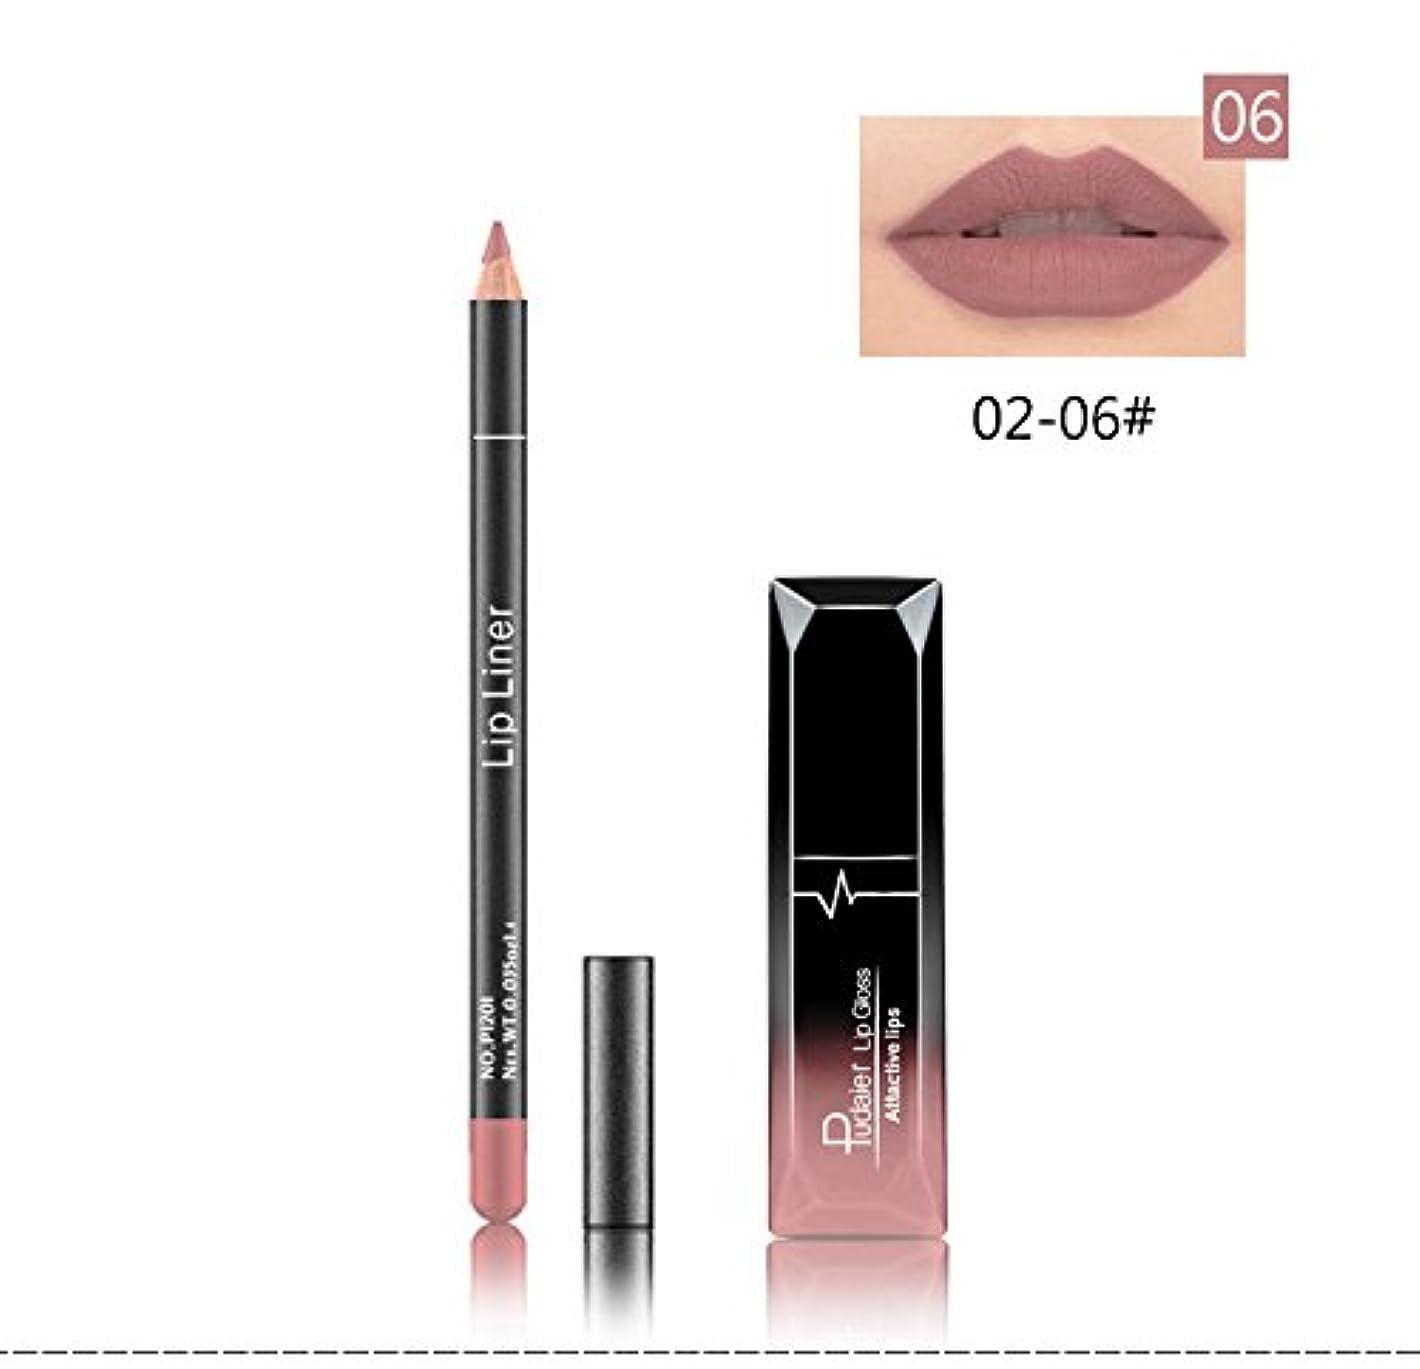 どちらか細分化する有彩色の(06) Pudaier 1pc Matte Liquid Lipstick Cosmetic Lip Kit+ 1 Pc Nude Lip Liner Pencil MakeUp Set Waterproof Long Lasting Lipstick Gfit